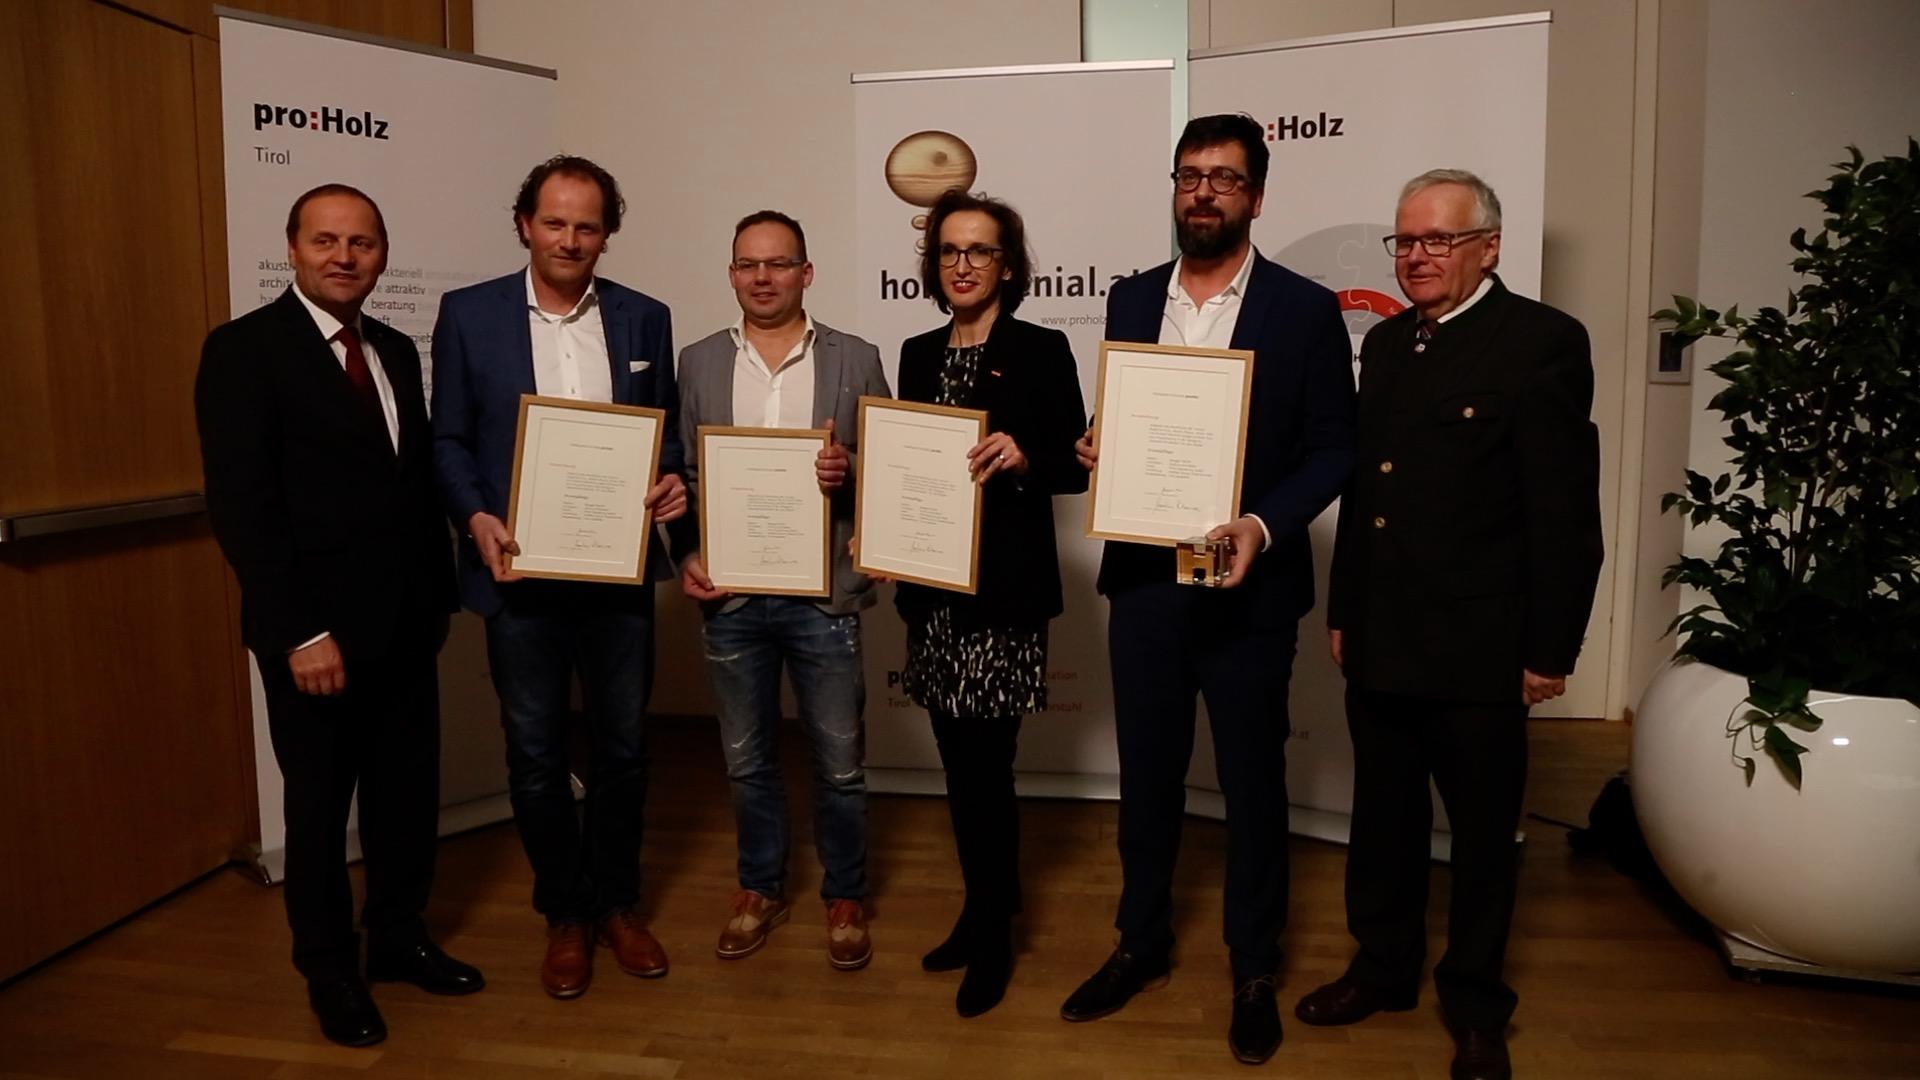 Die höchste Auszeichnung, die man für ein Holzbauwerk in Tirol erhalten kann: Der Holzbaupreis